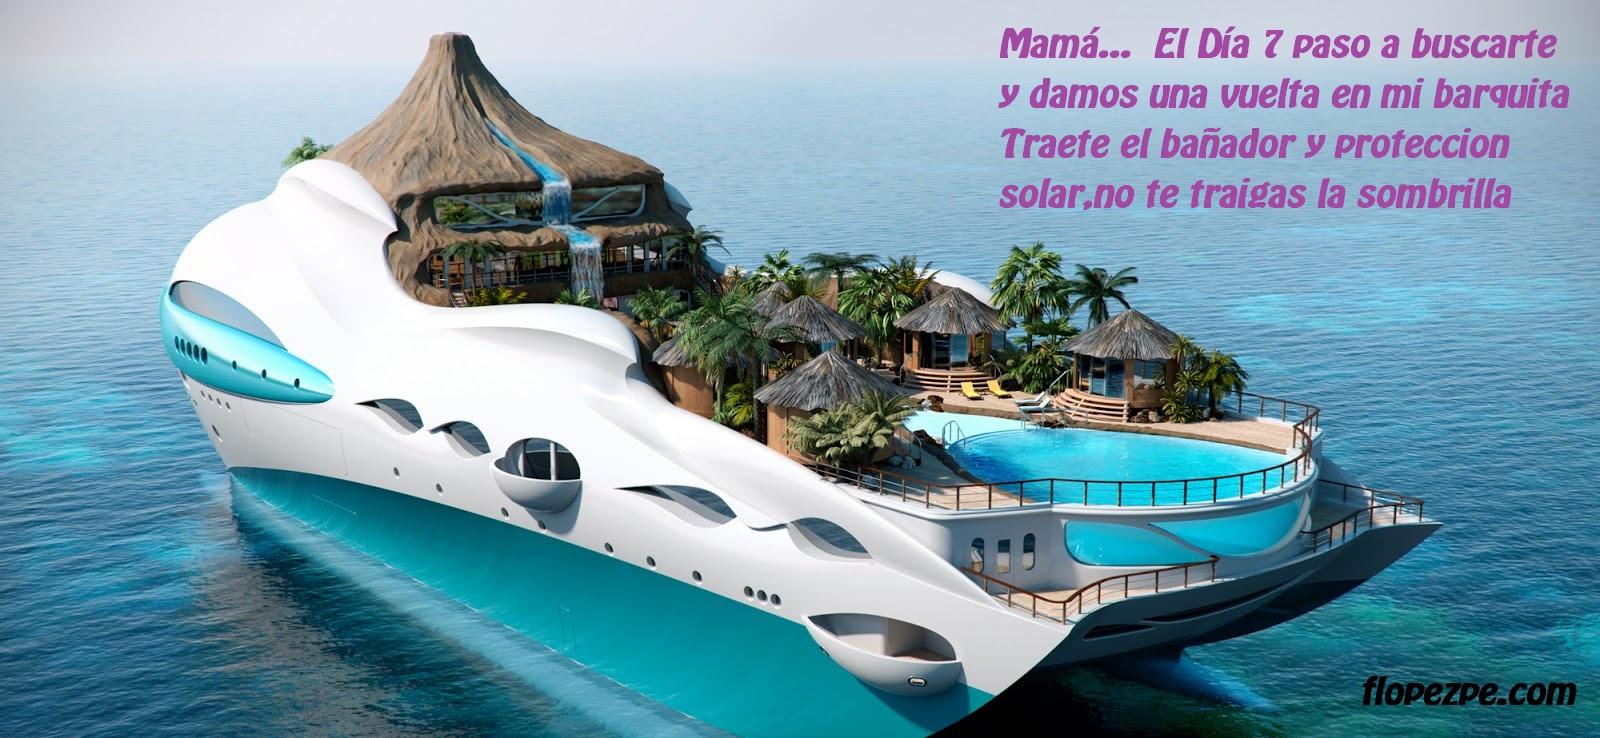 el crucero de mis sueños con albercas, palapas hotel y restaurante incluido2.jpg